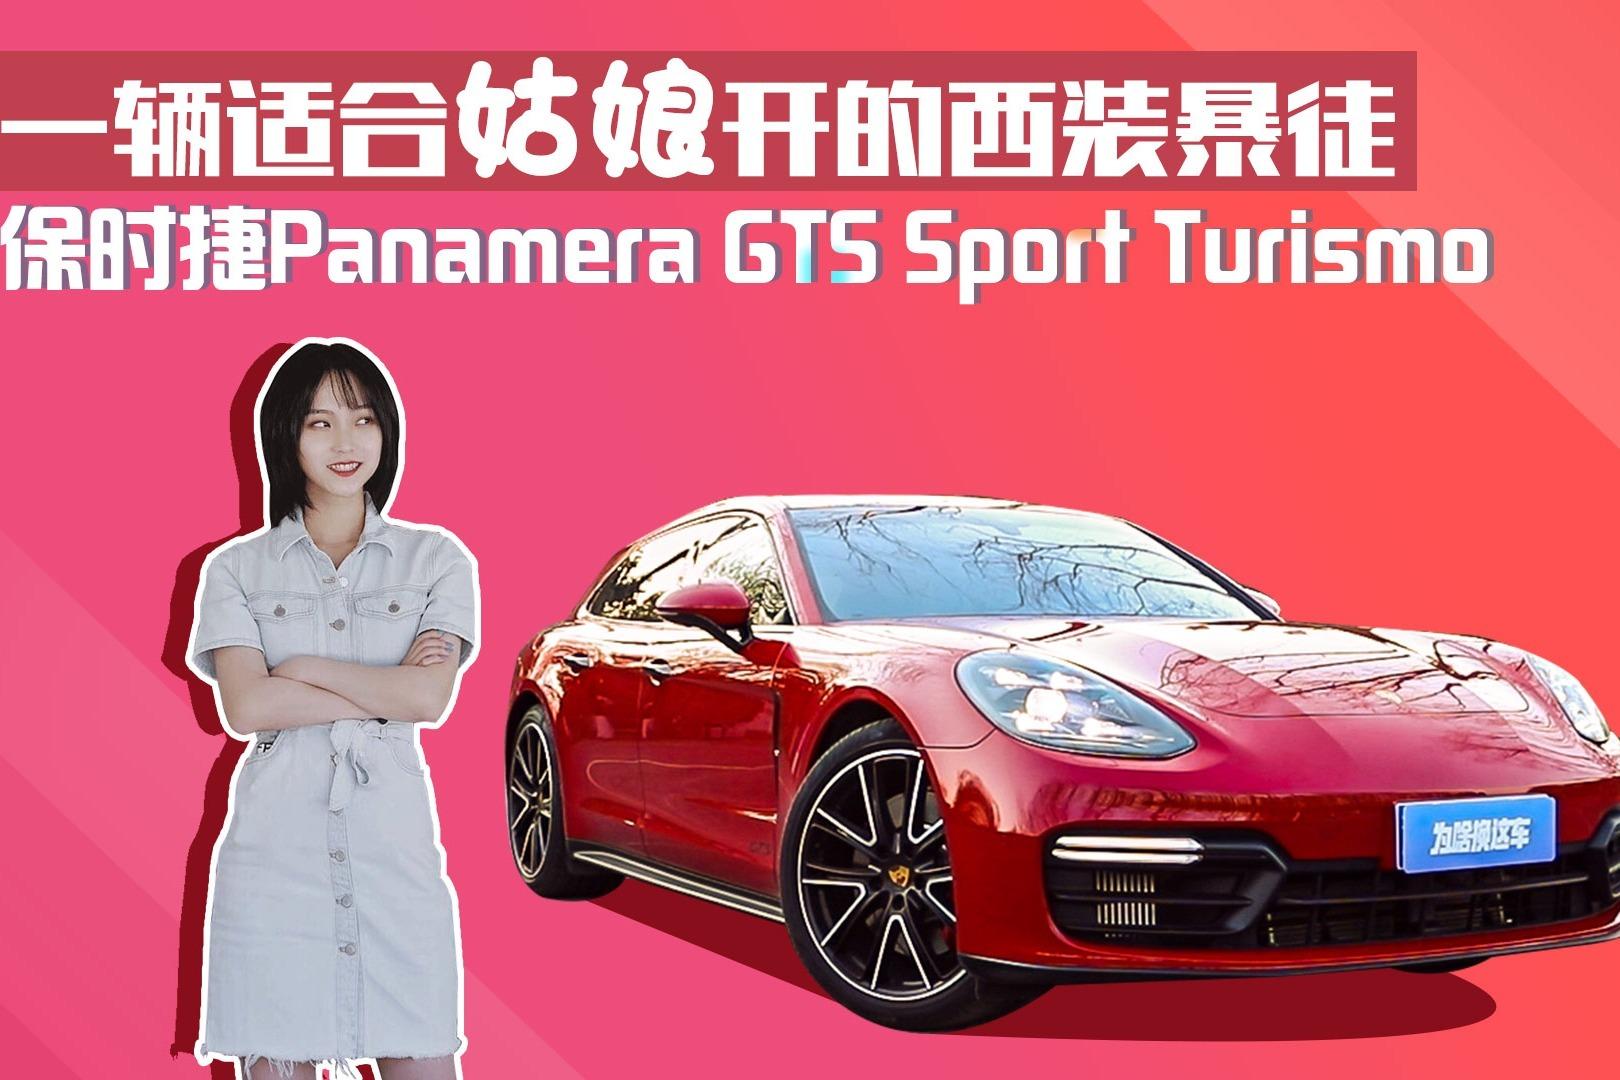 适合姑娘开的西装暴徒 保时捷Panamera GTS Sport Turismo